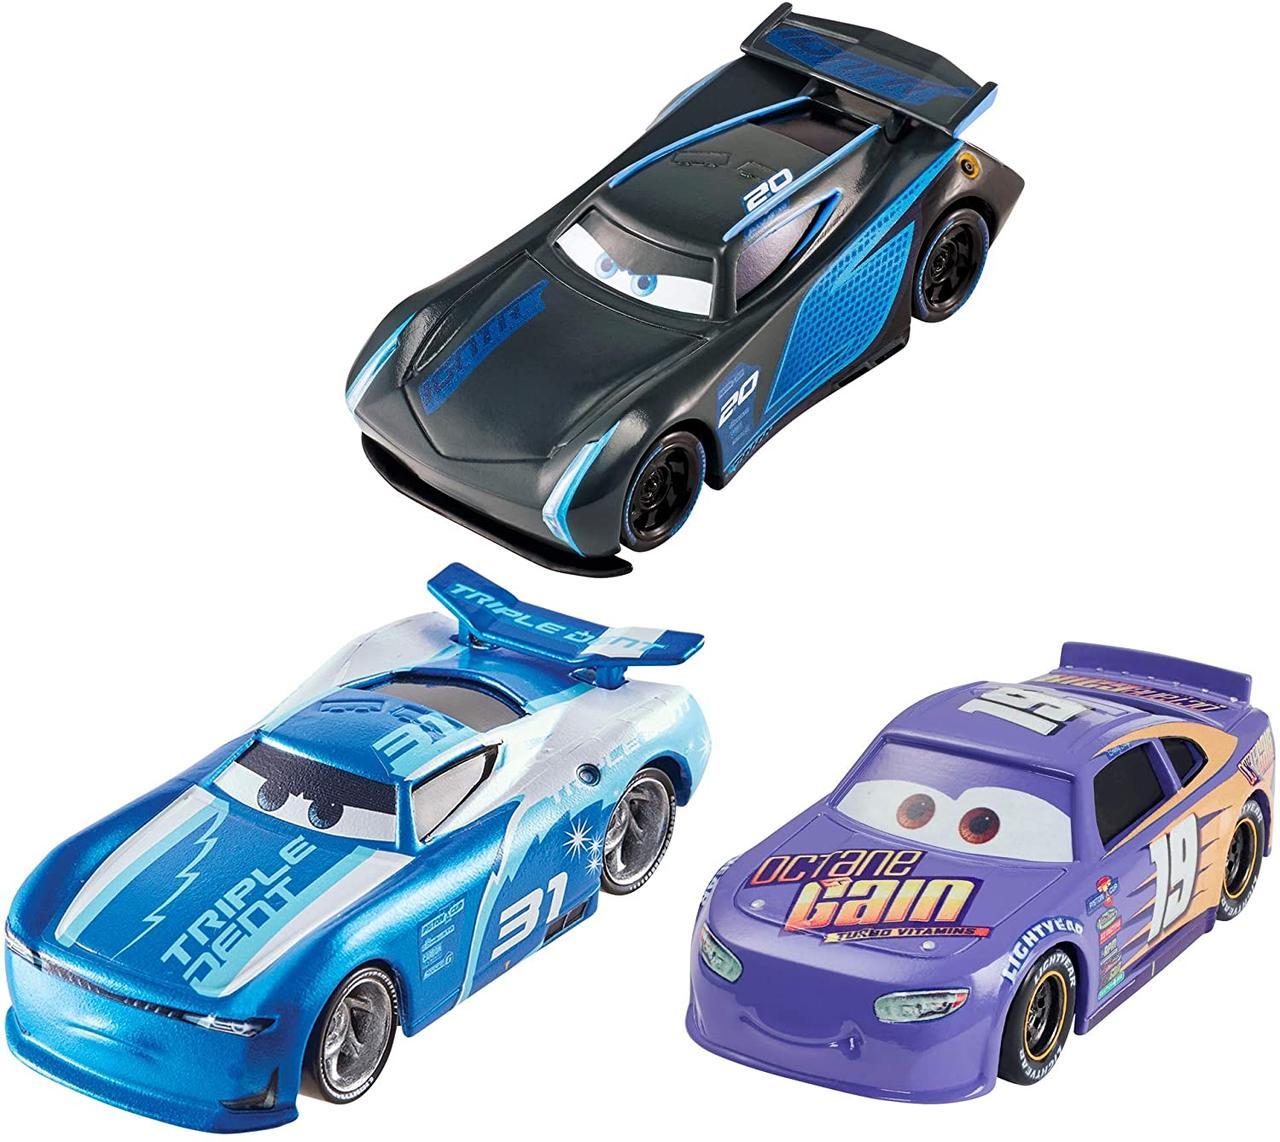 Ігровий набір трьох героїв з мультфільму Тачки 3 (Disney Pixar Cars Next Gen Racers 3-Pack) від Mattel